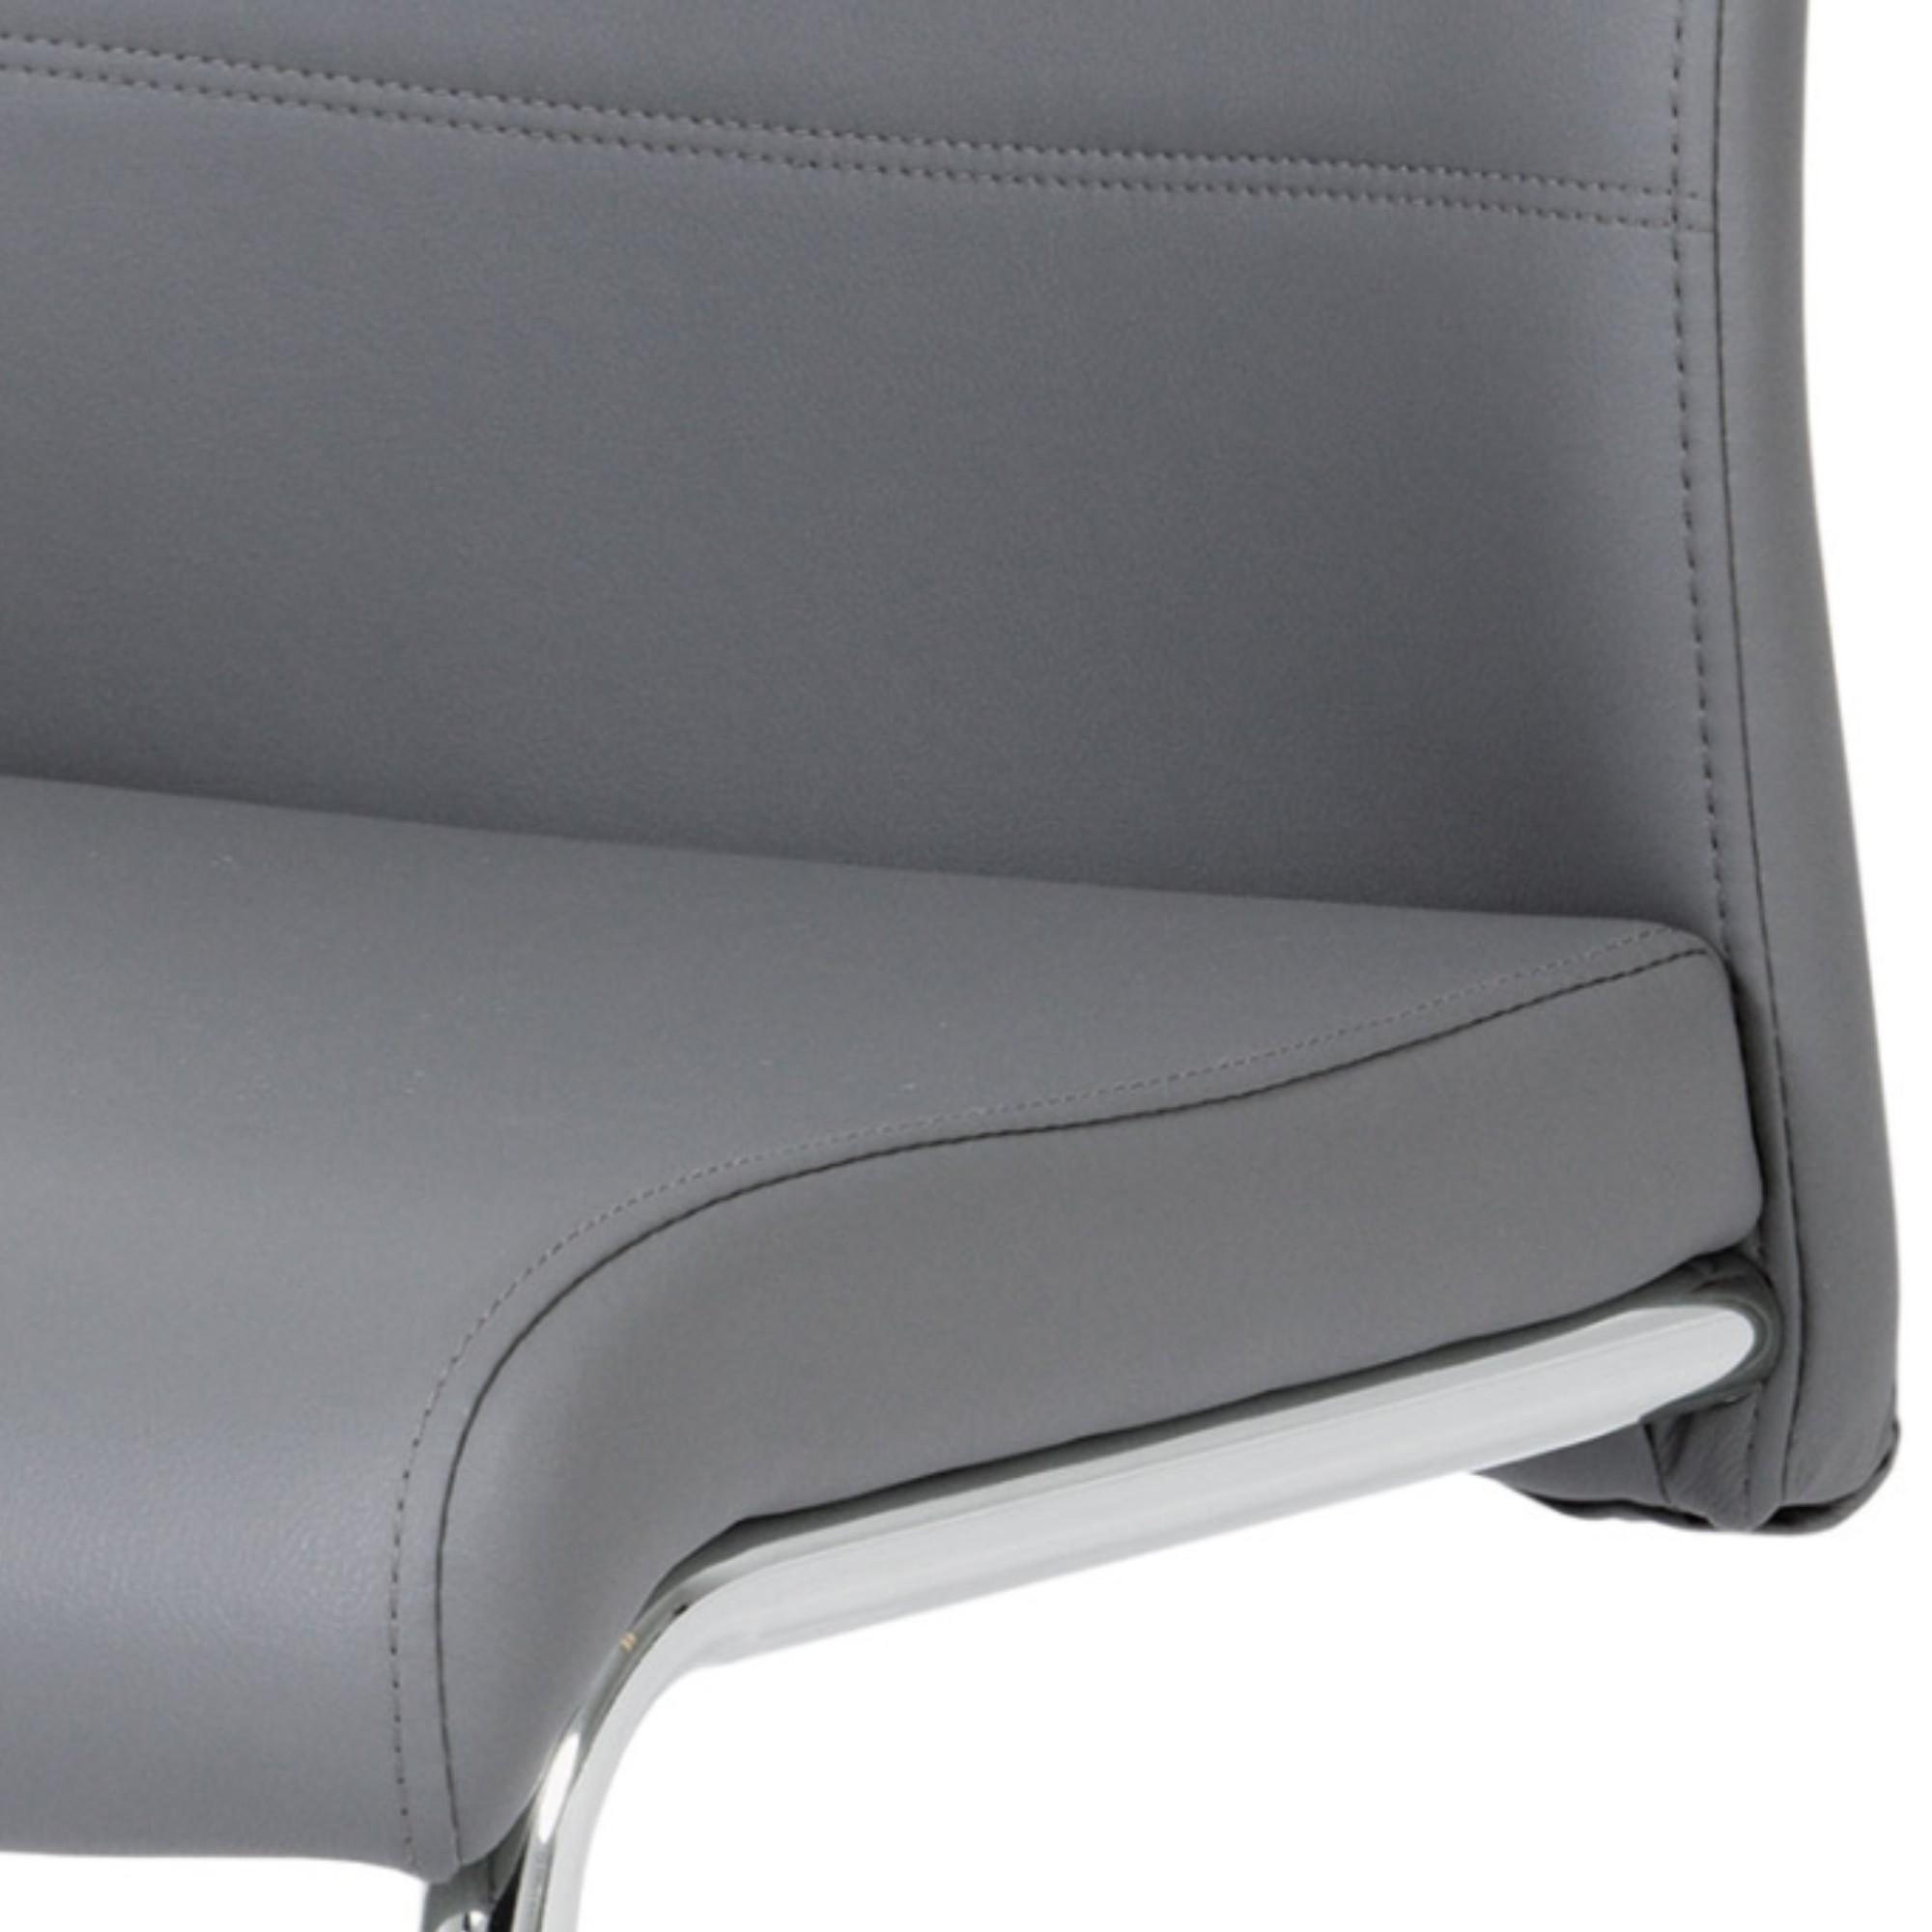 Sconto Jedálenská stolička BONNIE CAP sivá BONNIE CAP je klasická jedálenská stolička s čalúneným sedadlom a operadlom.